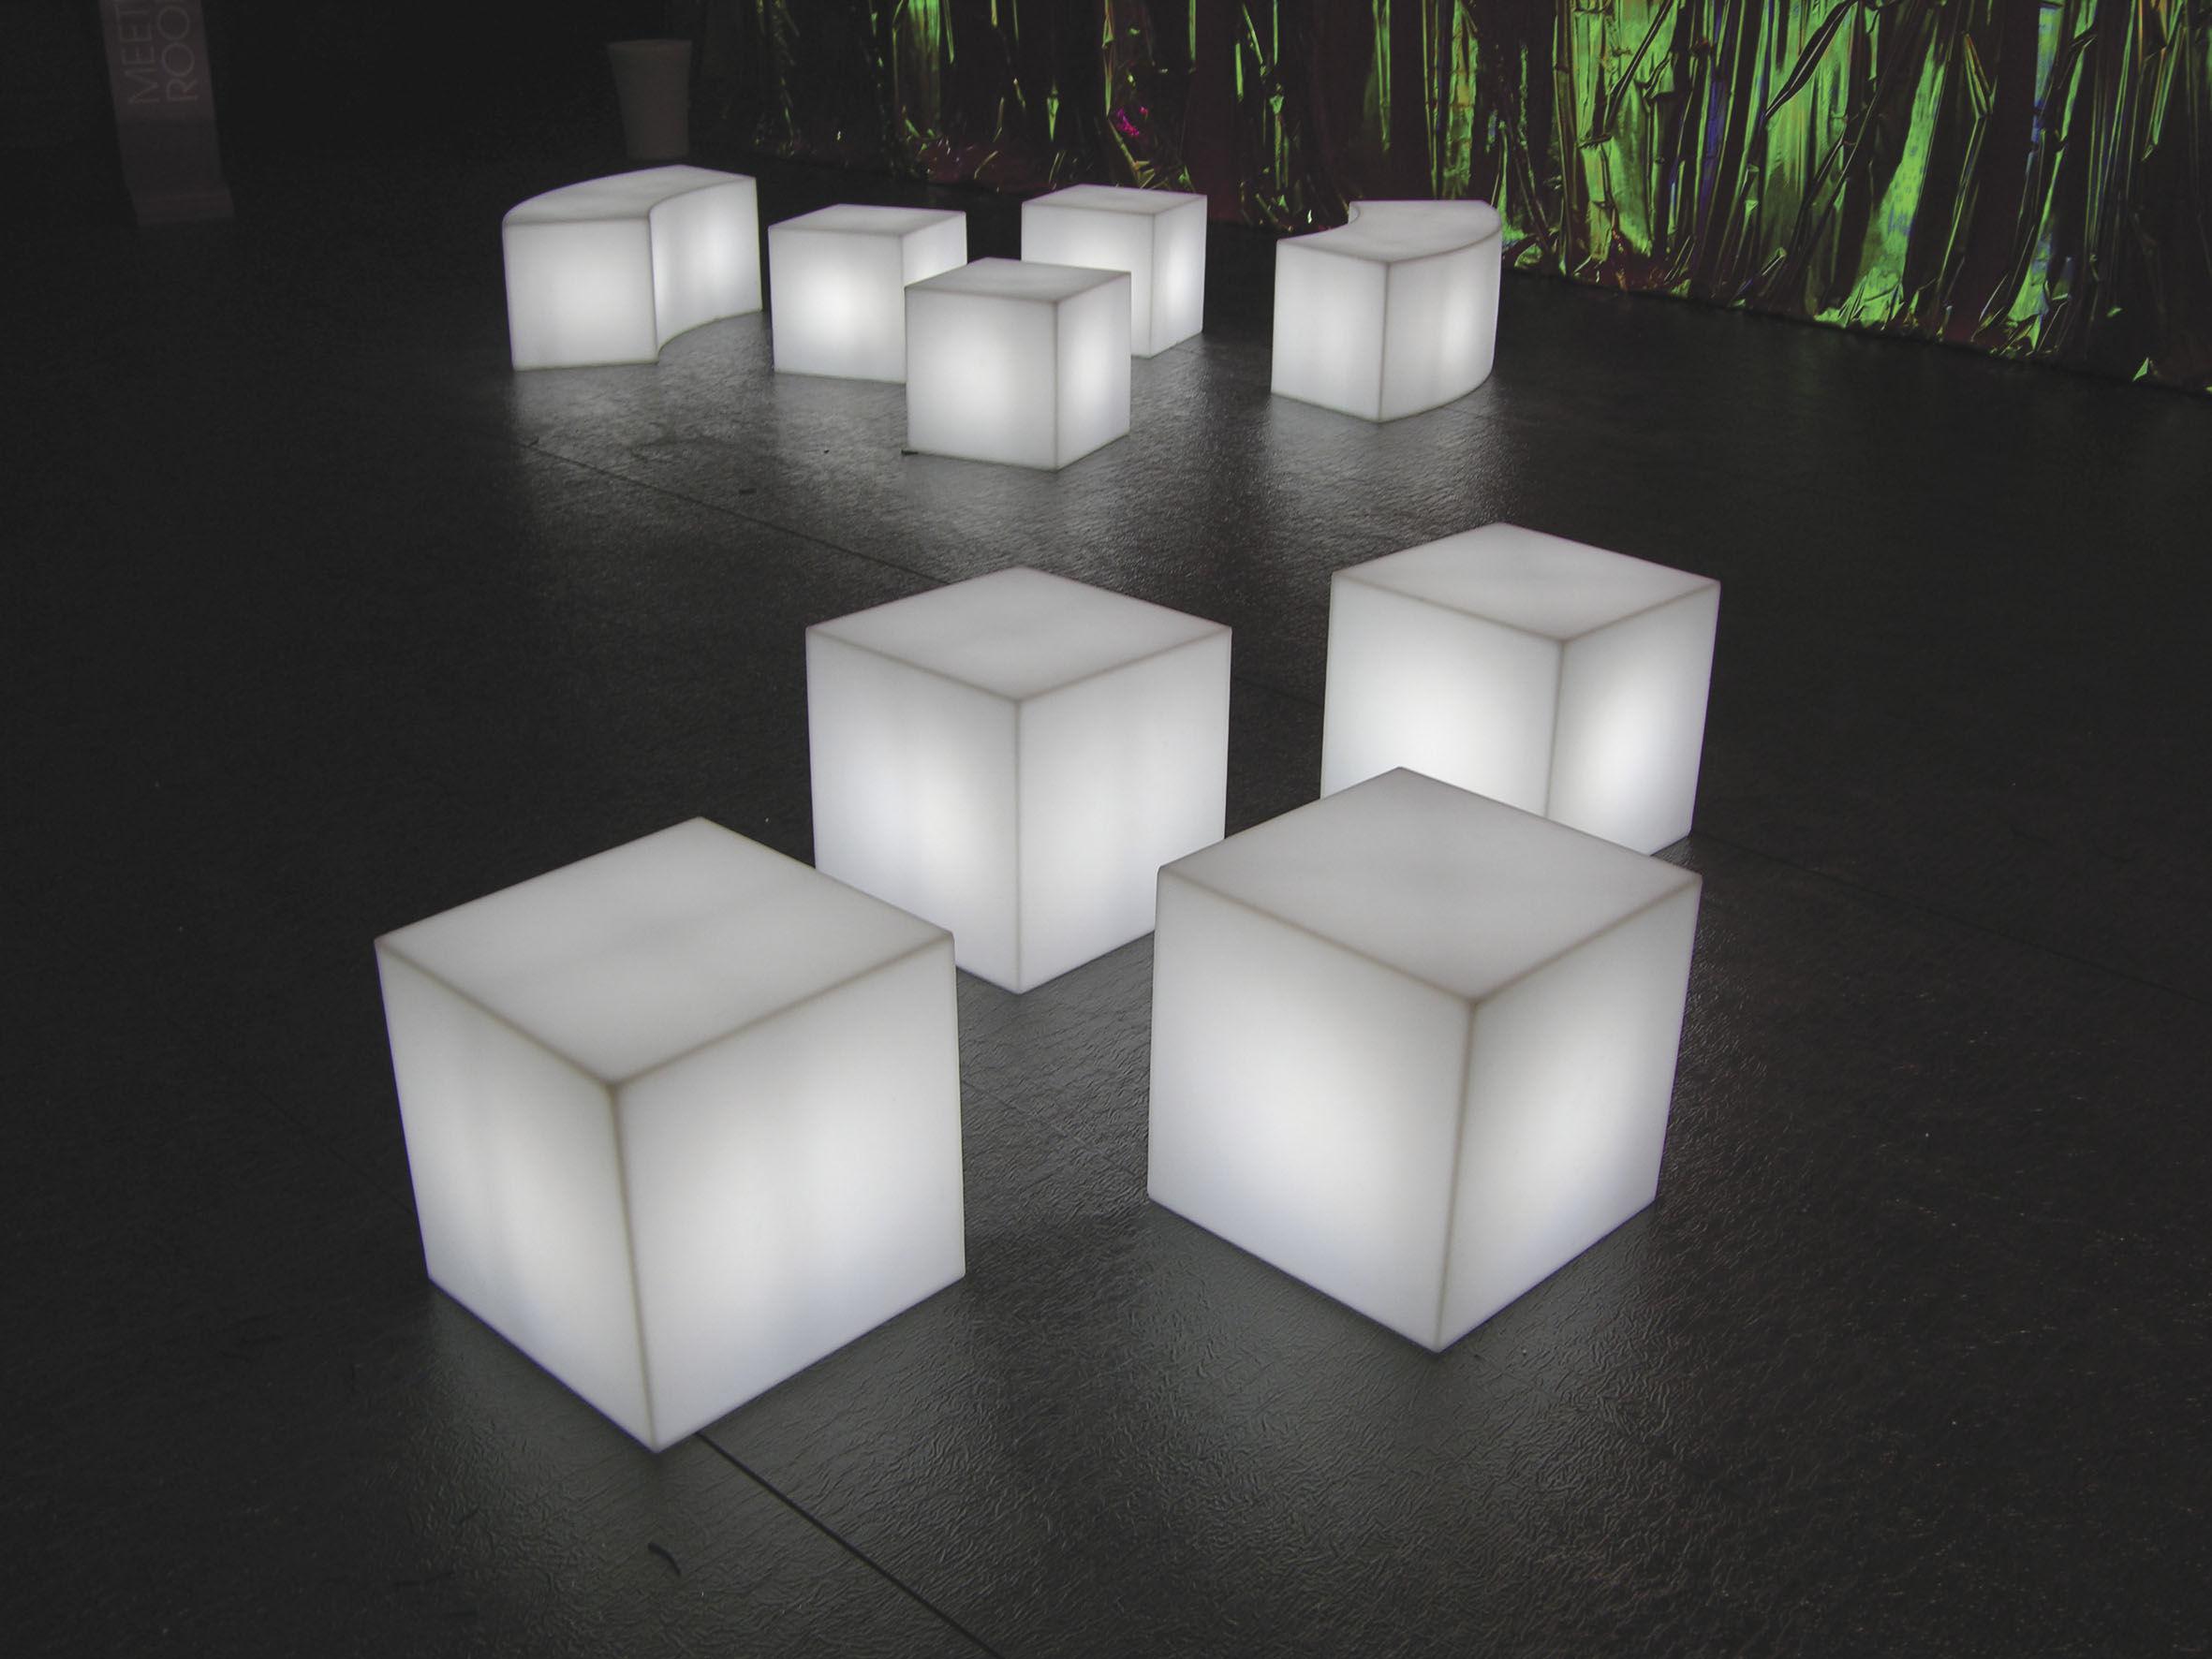 Scopri lampada da tavolo cubo outdoor led sanza fili 25 x 25 x 25